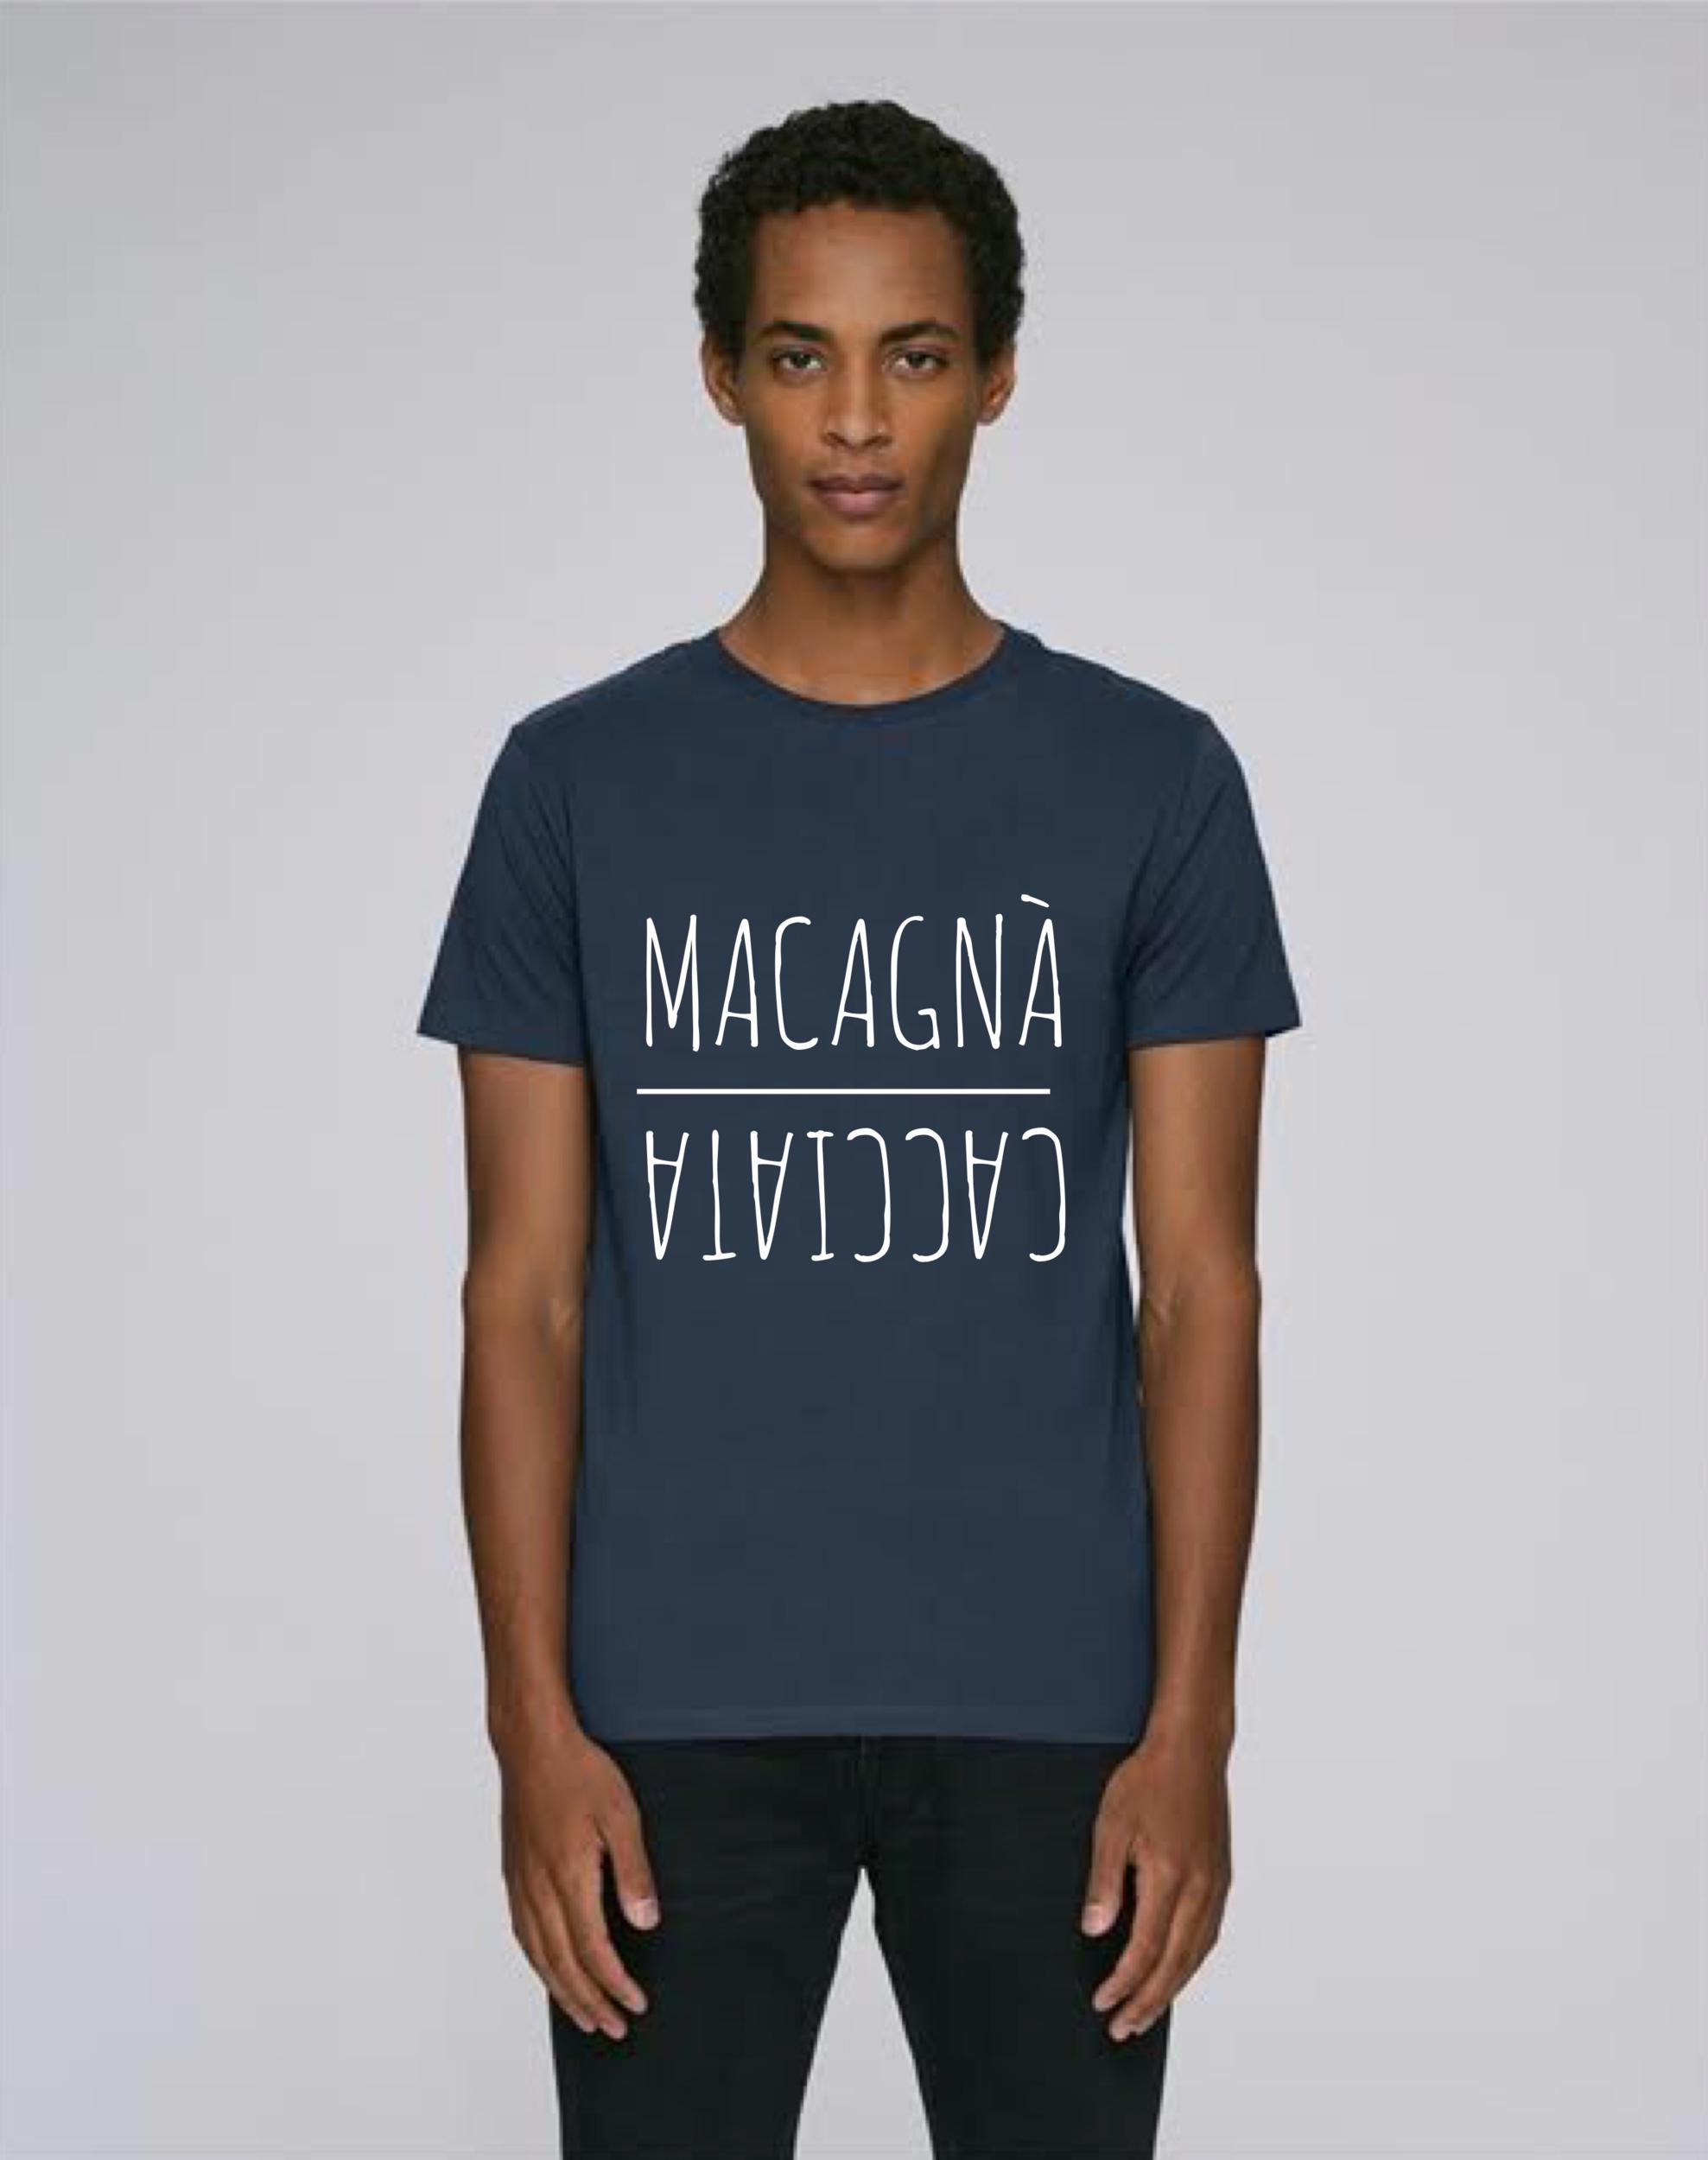 MACAGNA/CACCIATA